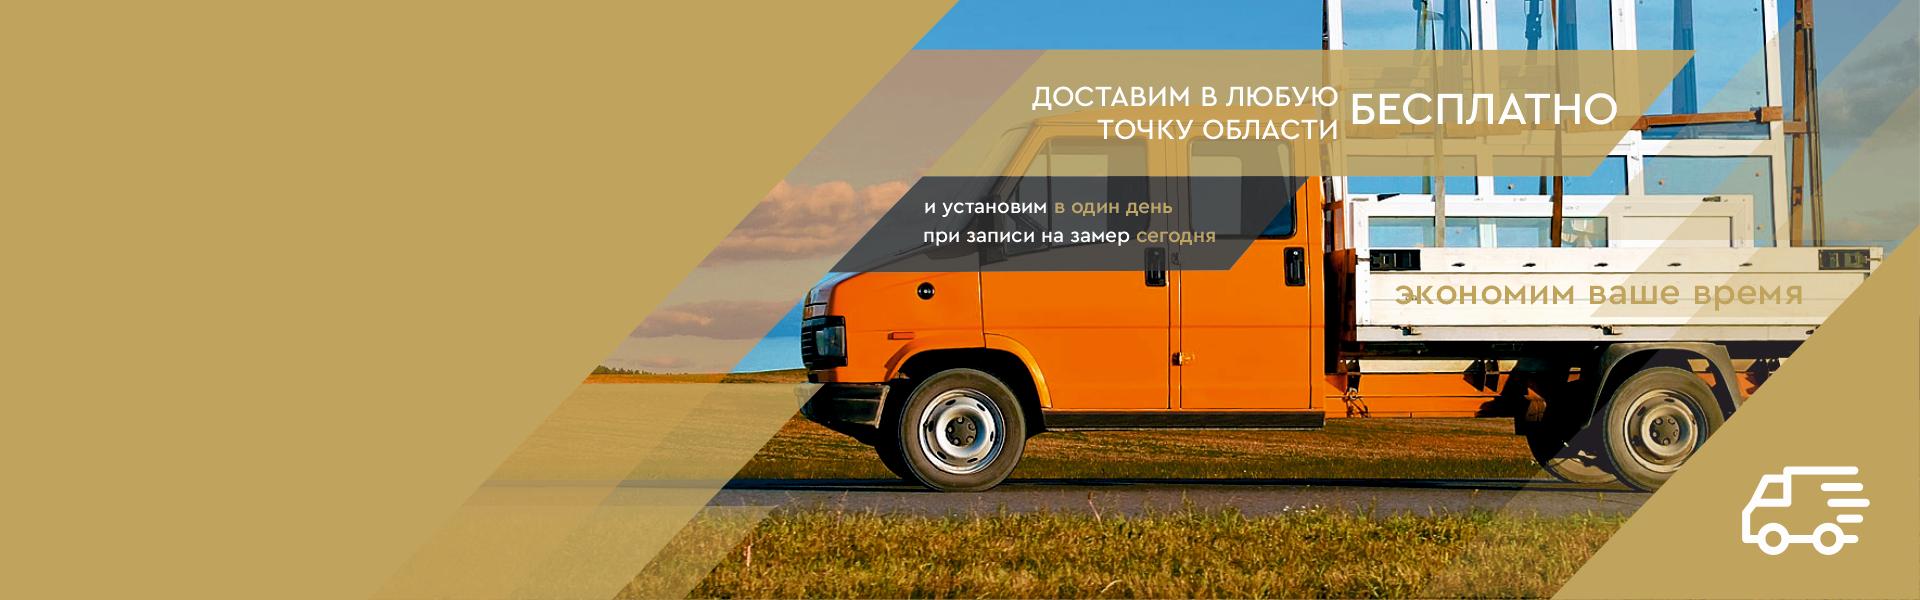 akciya-kottedzhi.jpg